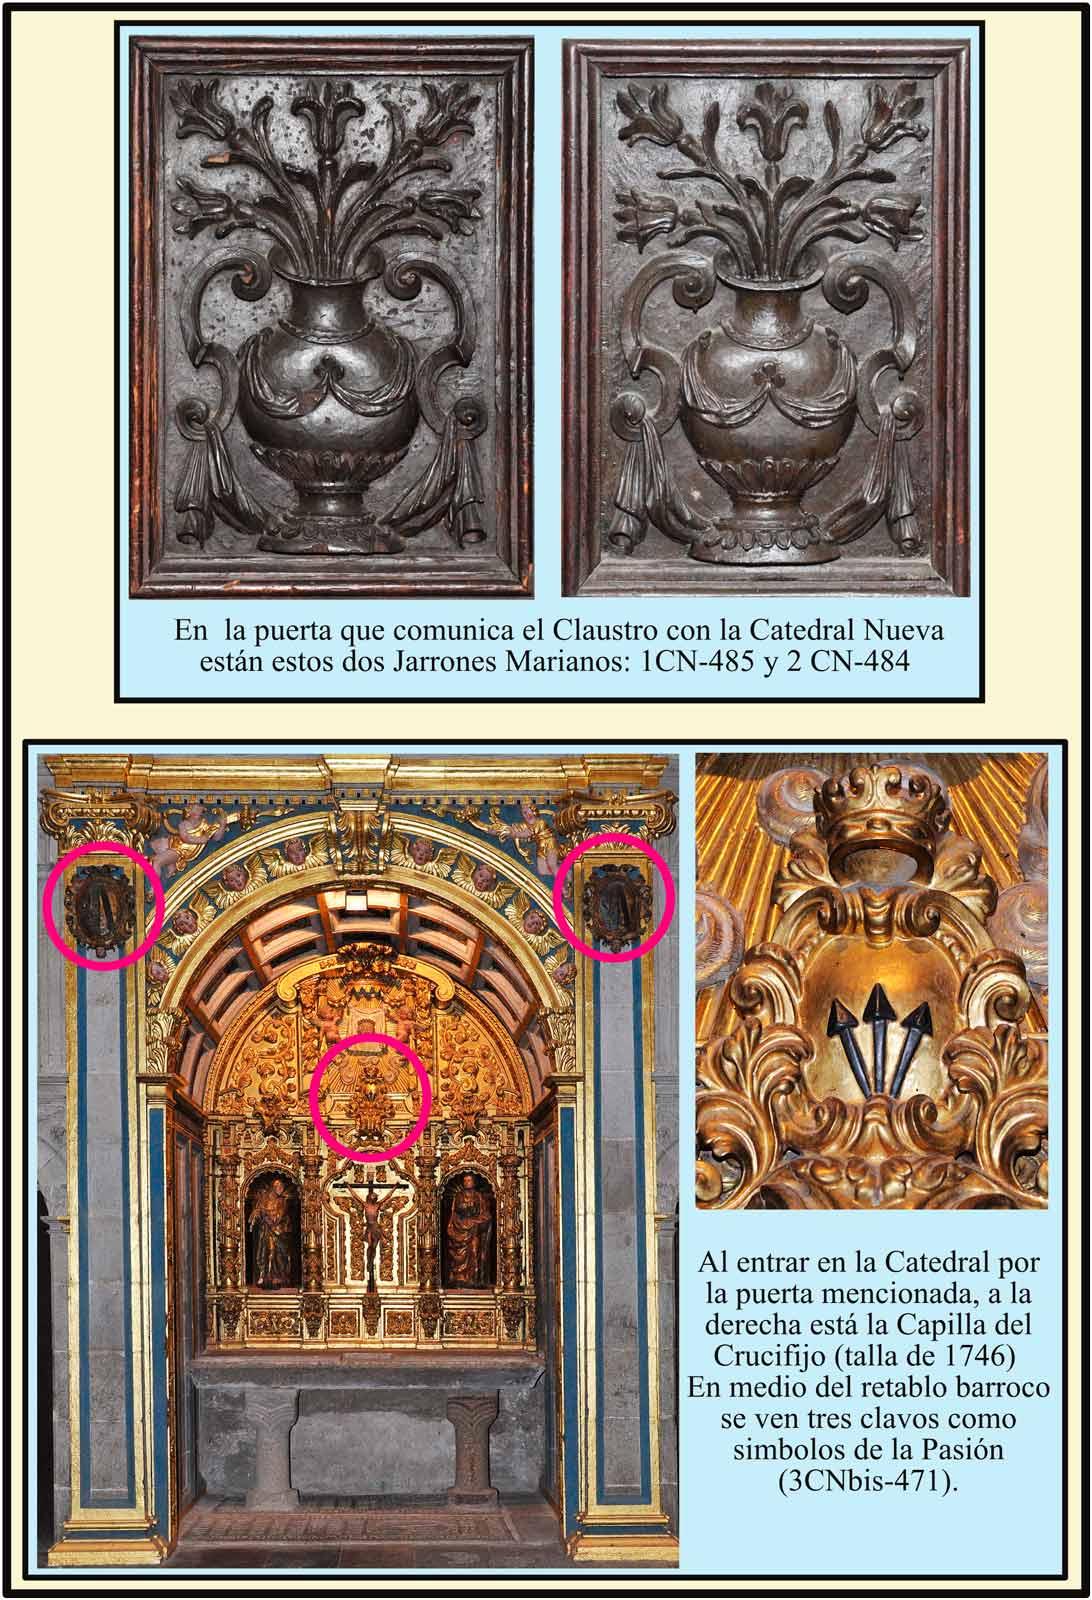 Jarrones de la Puerta de Santa María y Capilla del Crucifijo